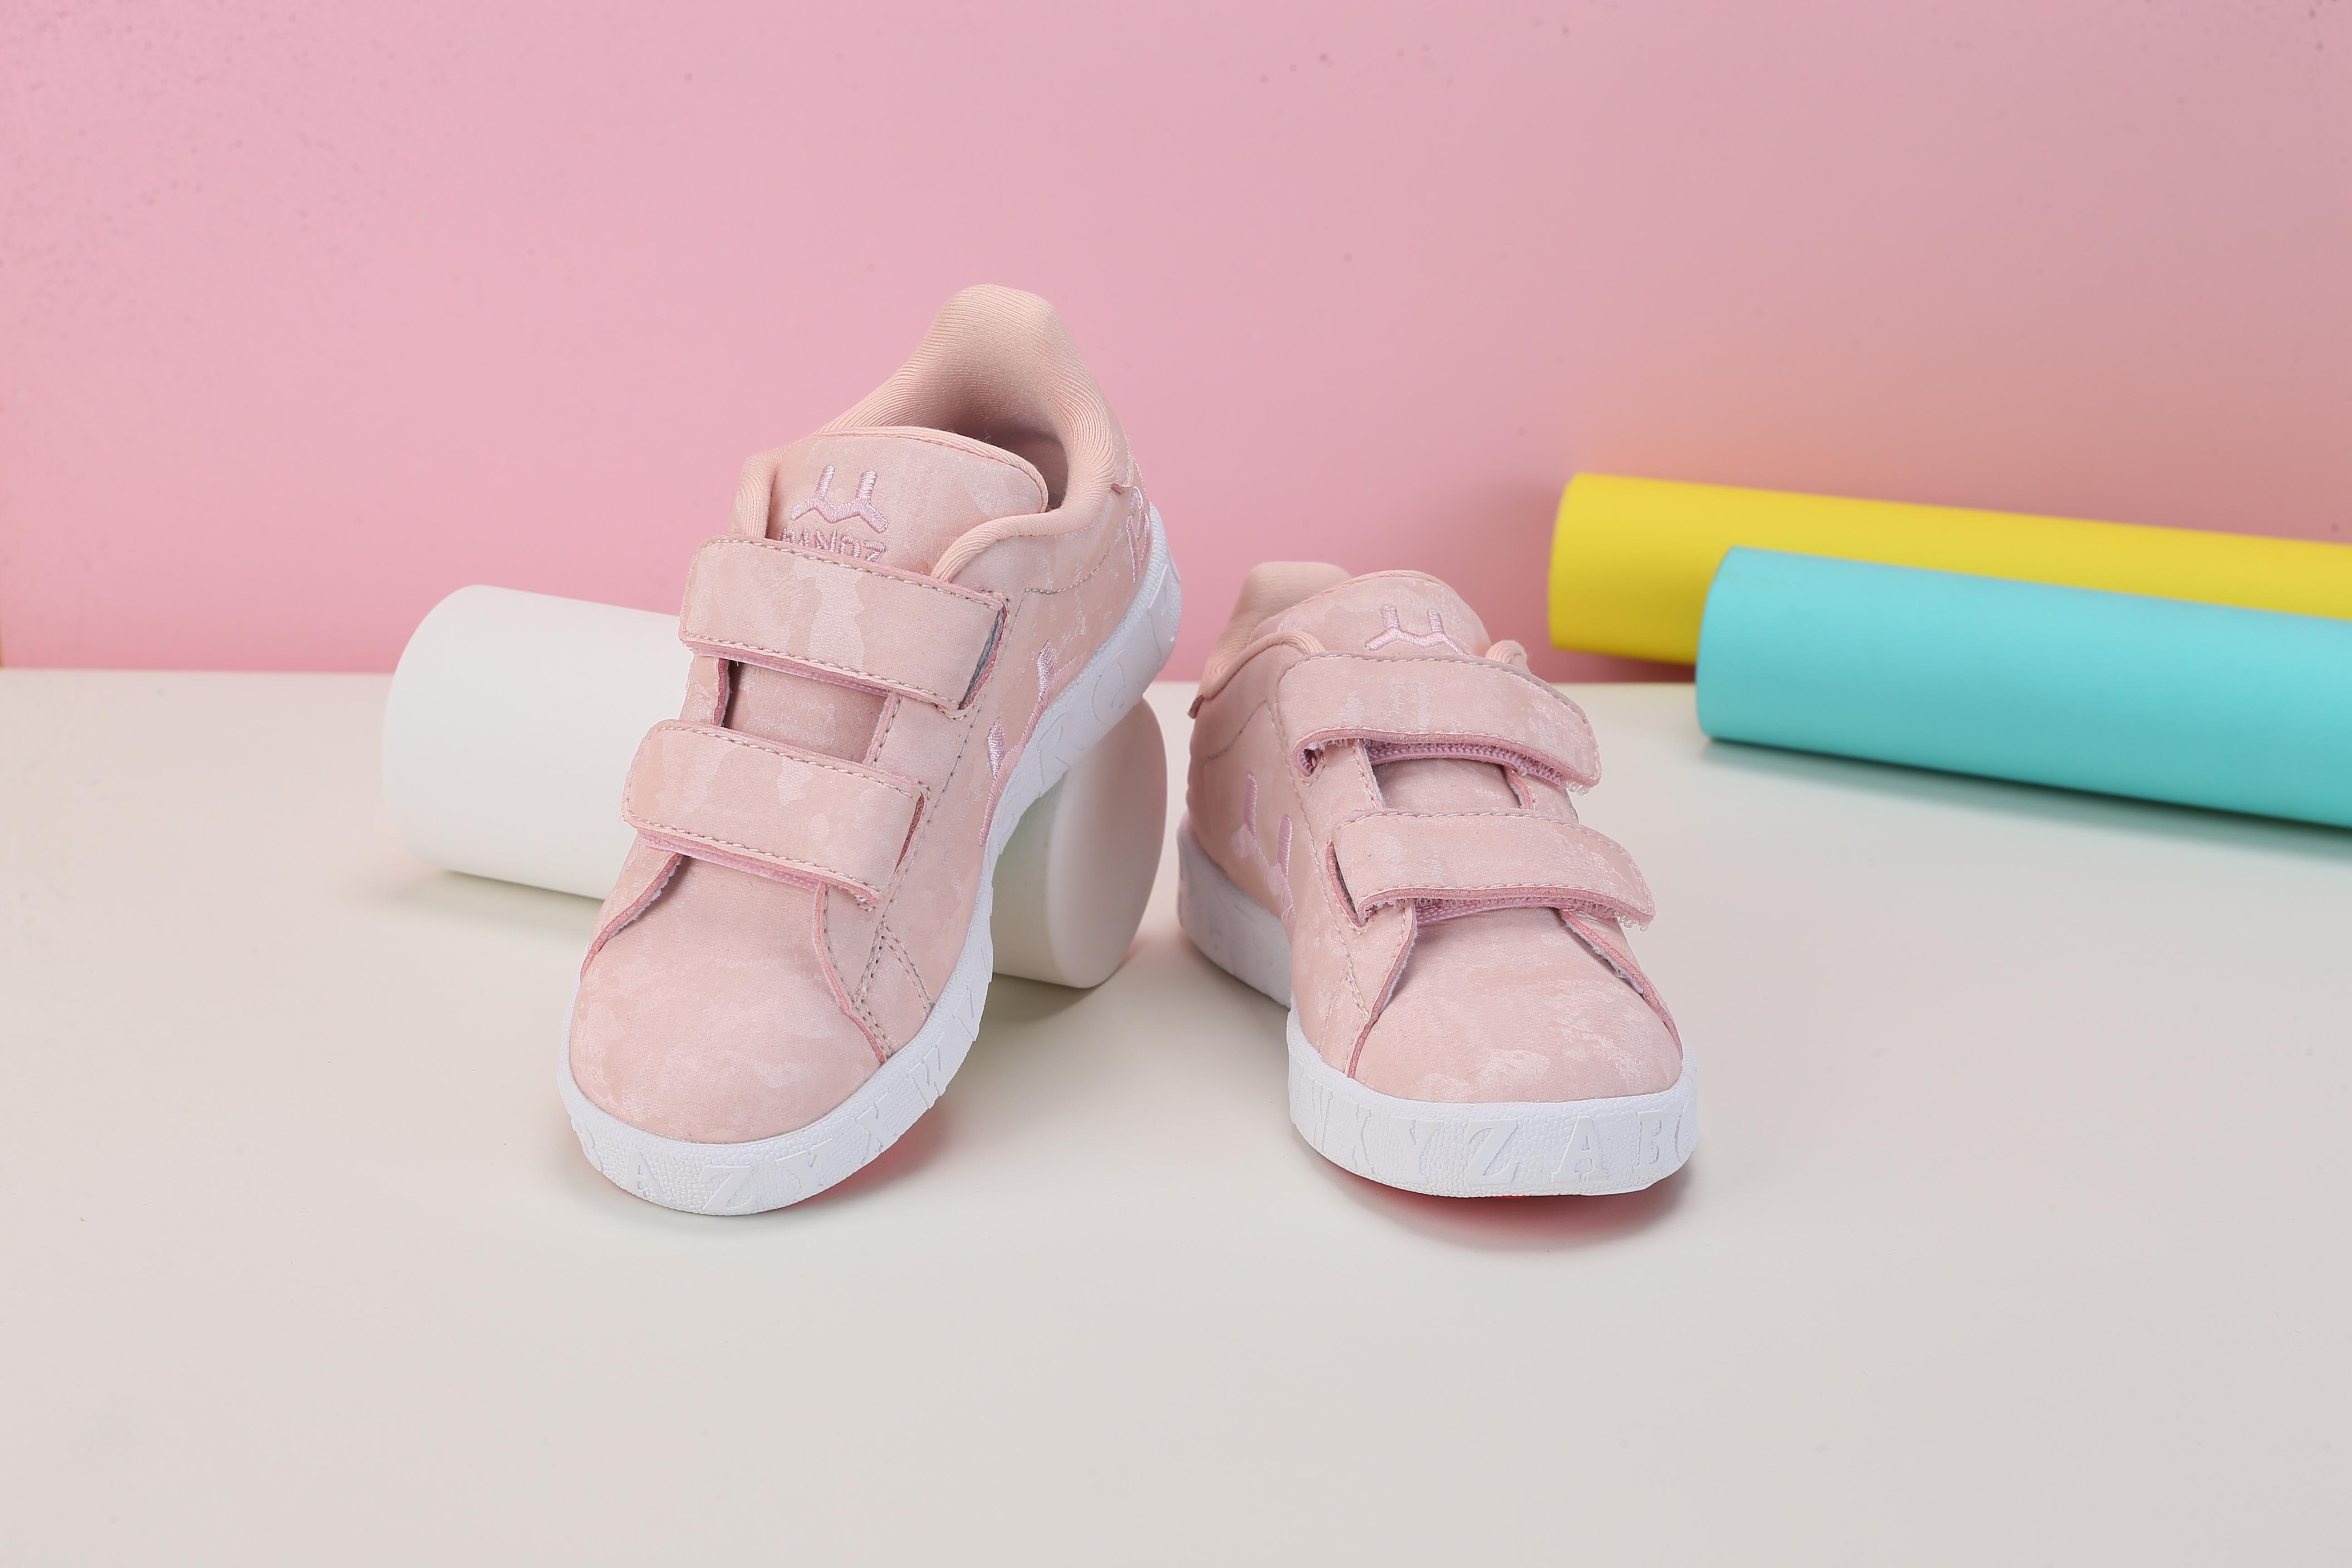 BANDZ班队长学系列英母款震撼上市,以潮酷领动童鞋风潮